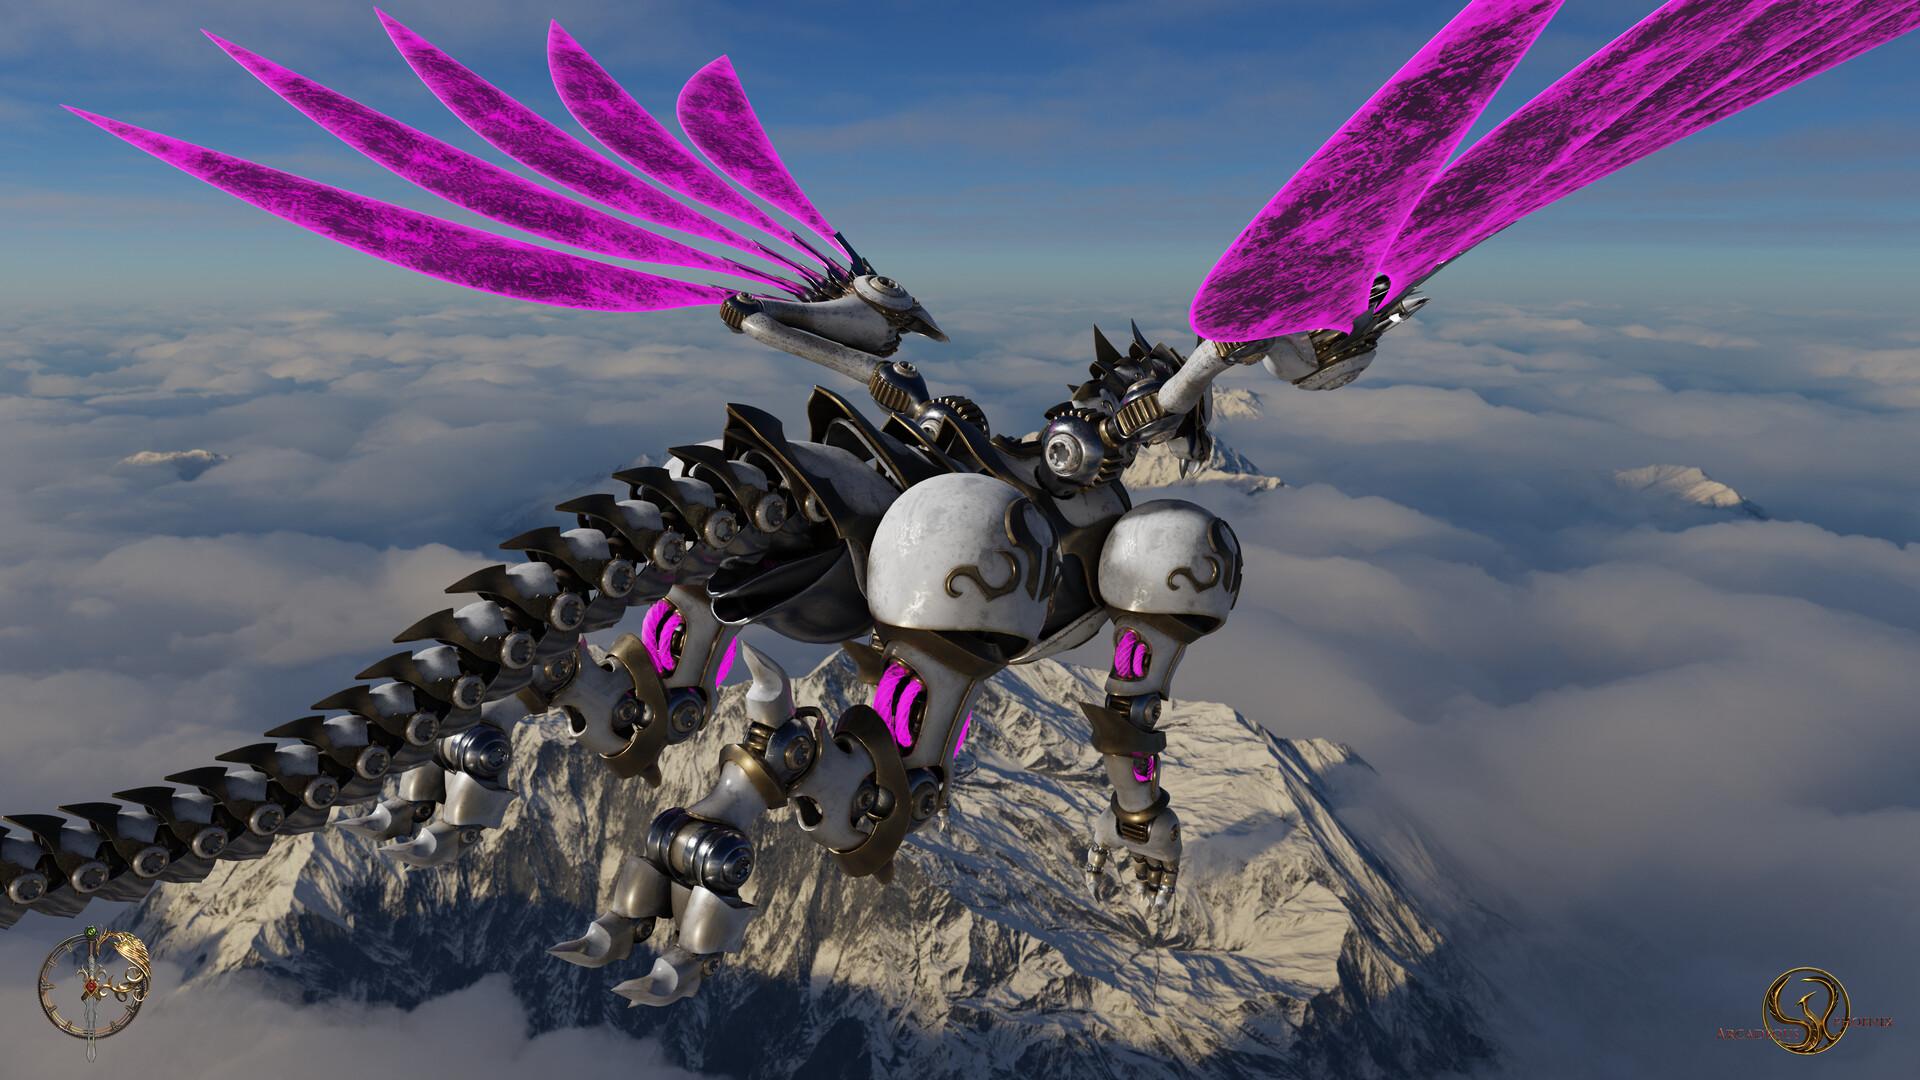 Arcadeous phoenix cw dragon1 wallpaper